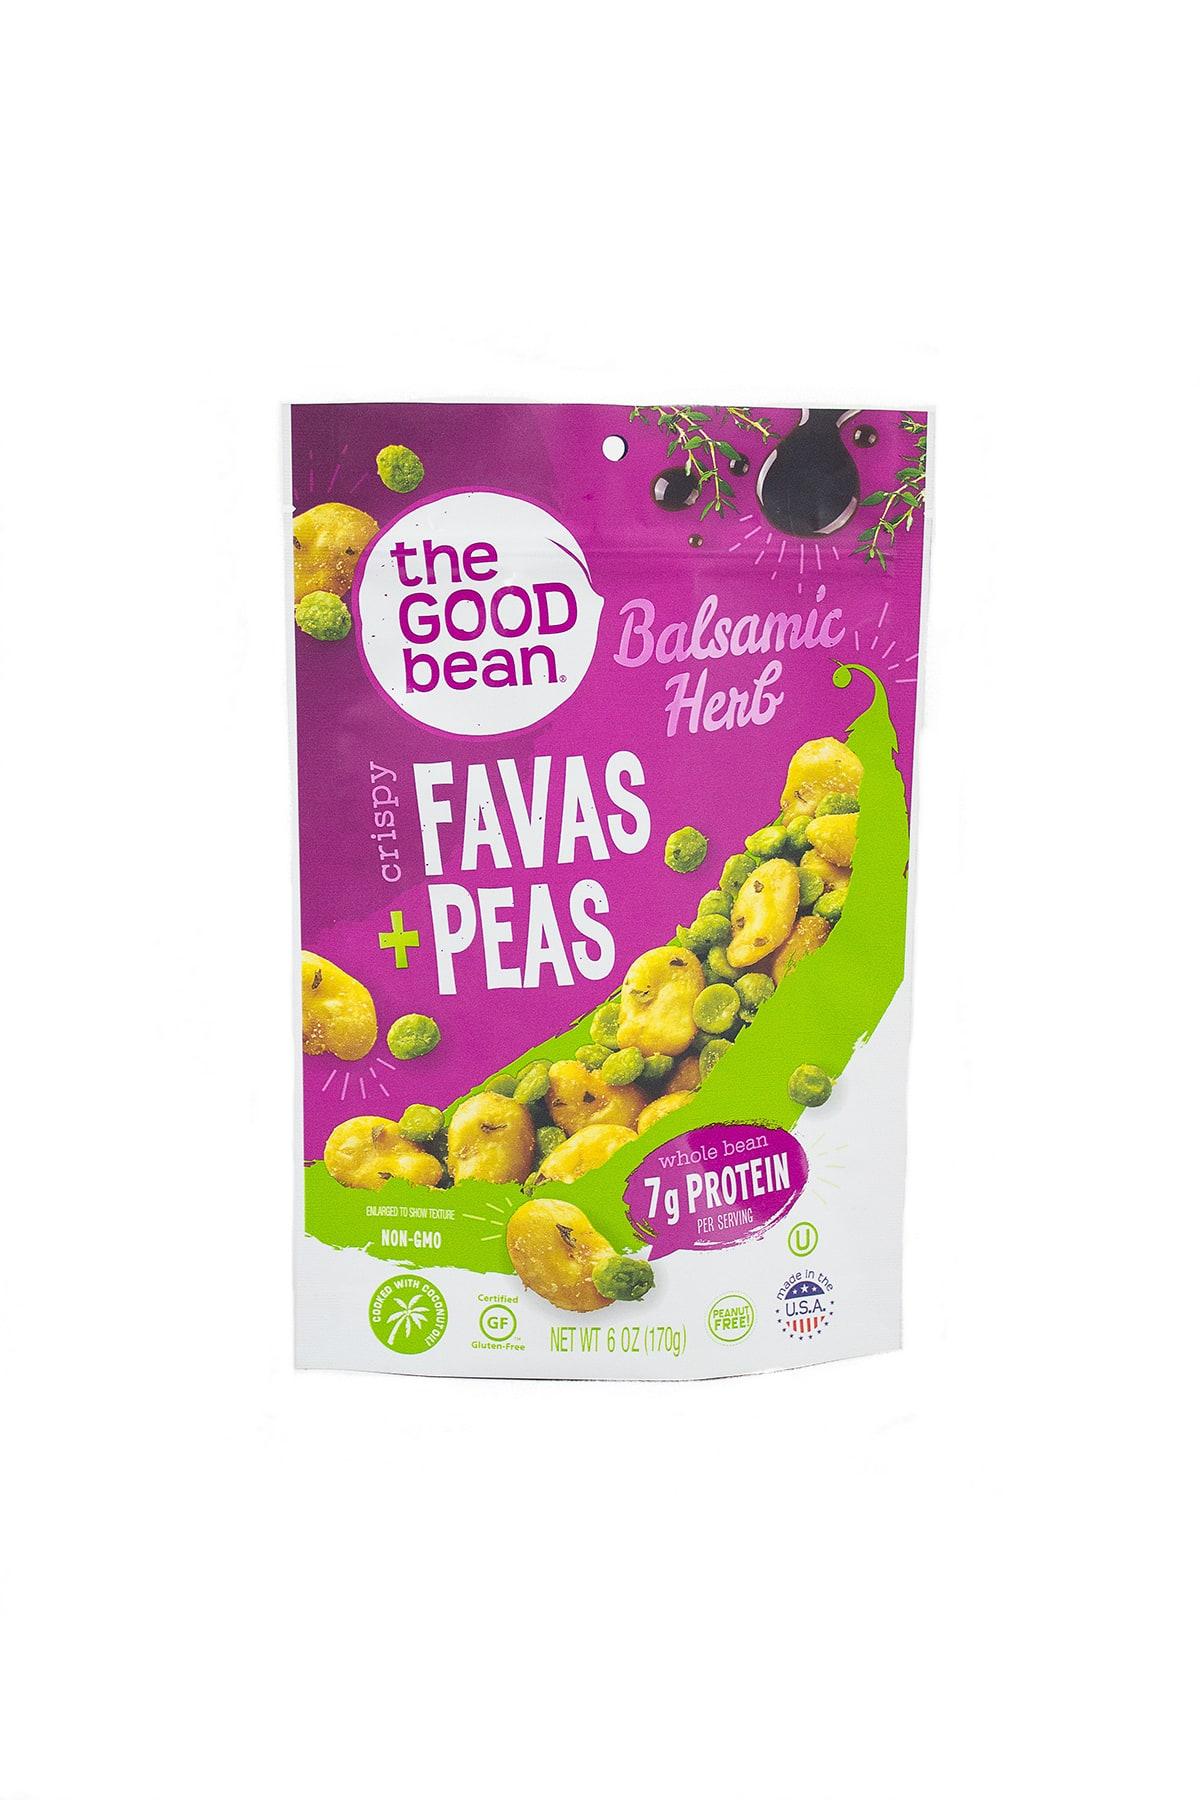 The Good Bean: Crispy Favas and Peas